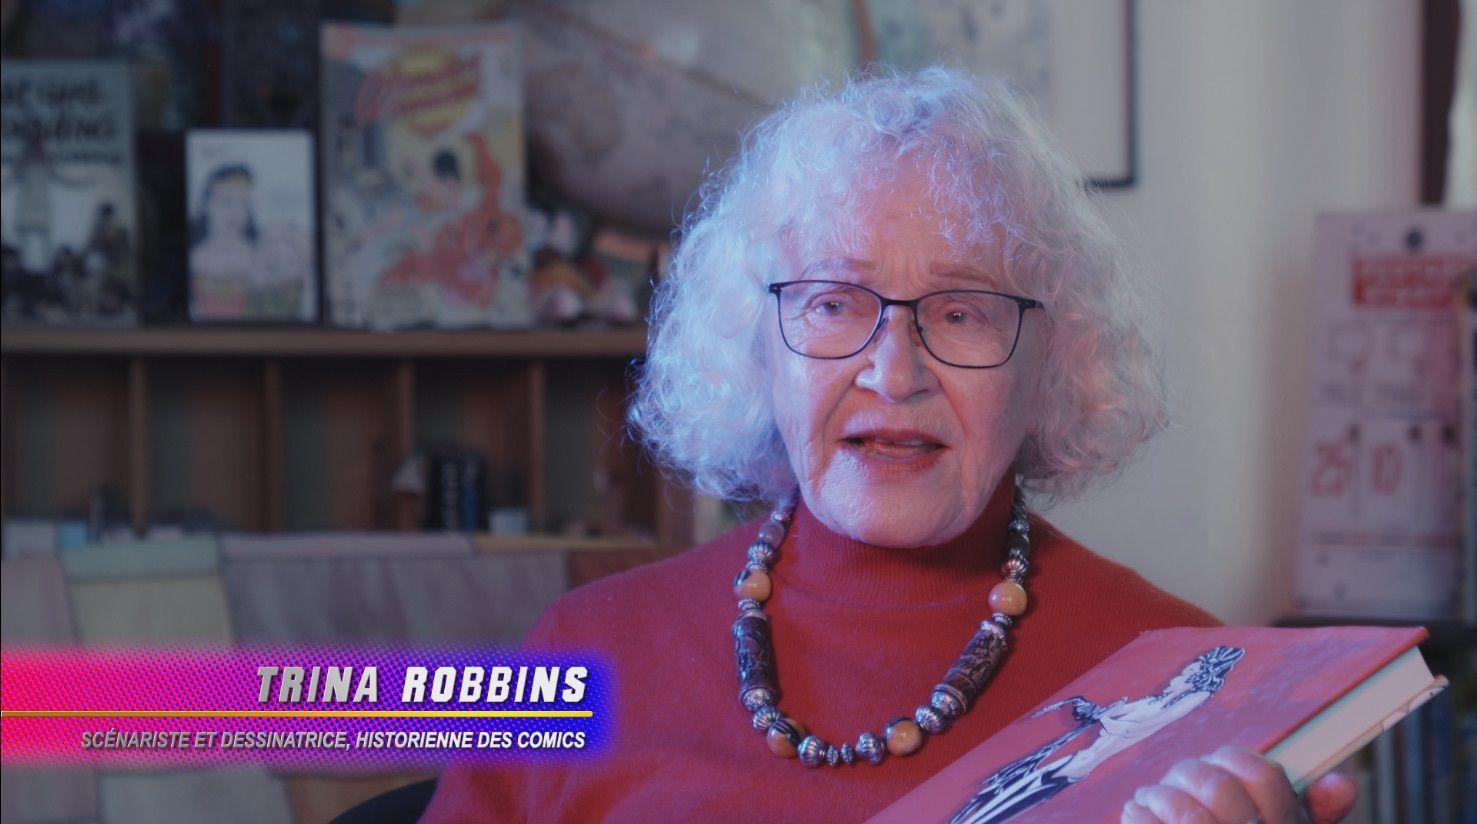 Trina Robbins, légende du comics, militante et historienne, est l'intervenante piquante du documentaire « Le Règne des super-héroïnes »